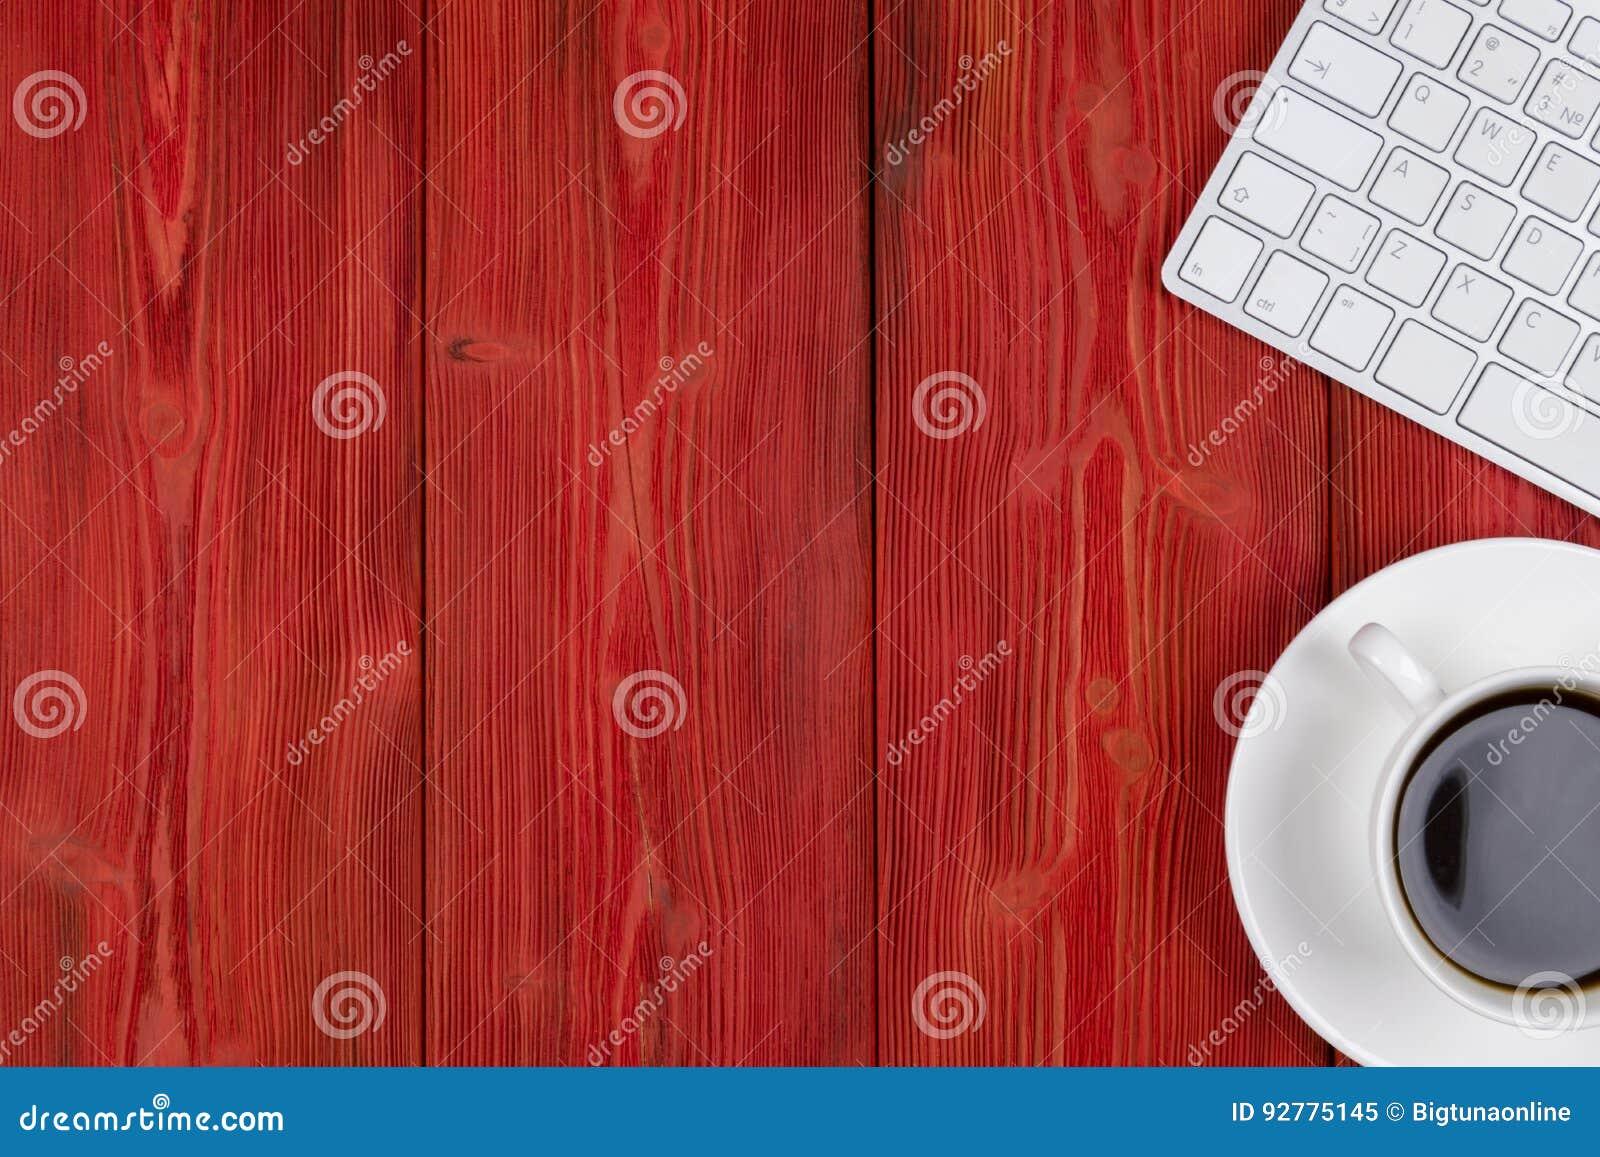 Стол офиса с космосом экземпляра Приборы беспроводная клавиатура и мышь цифров на красном деревянном столе с чашкой кофе, взгляд